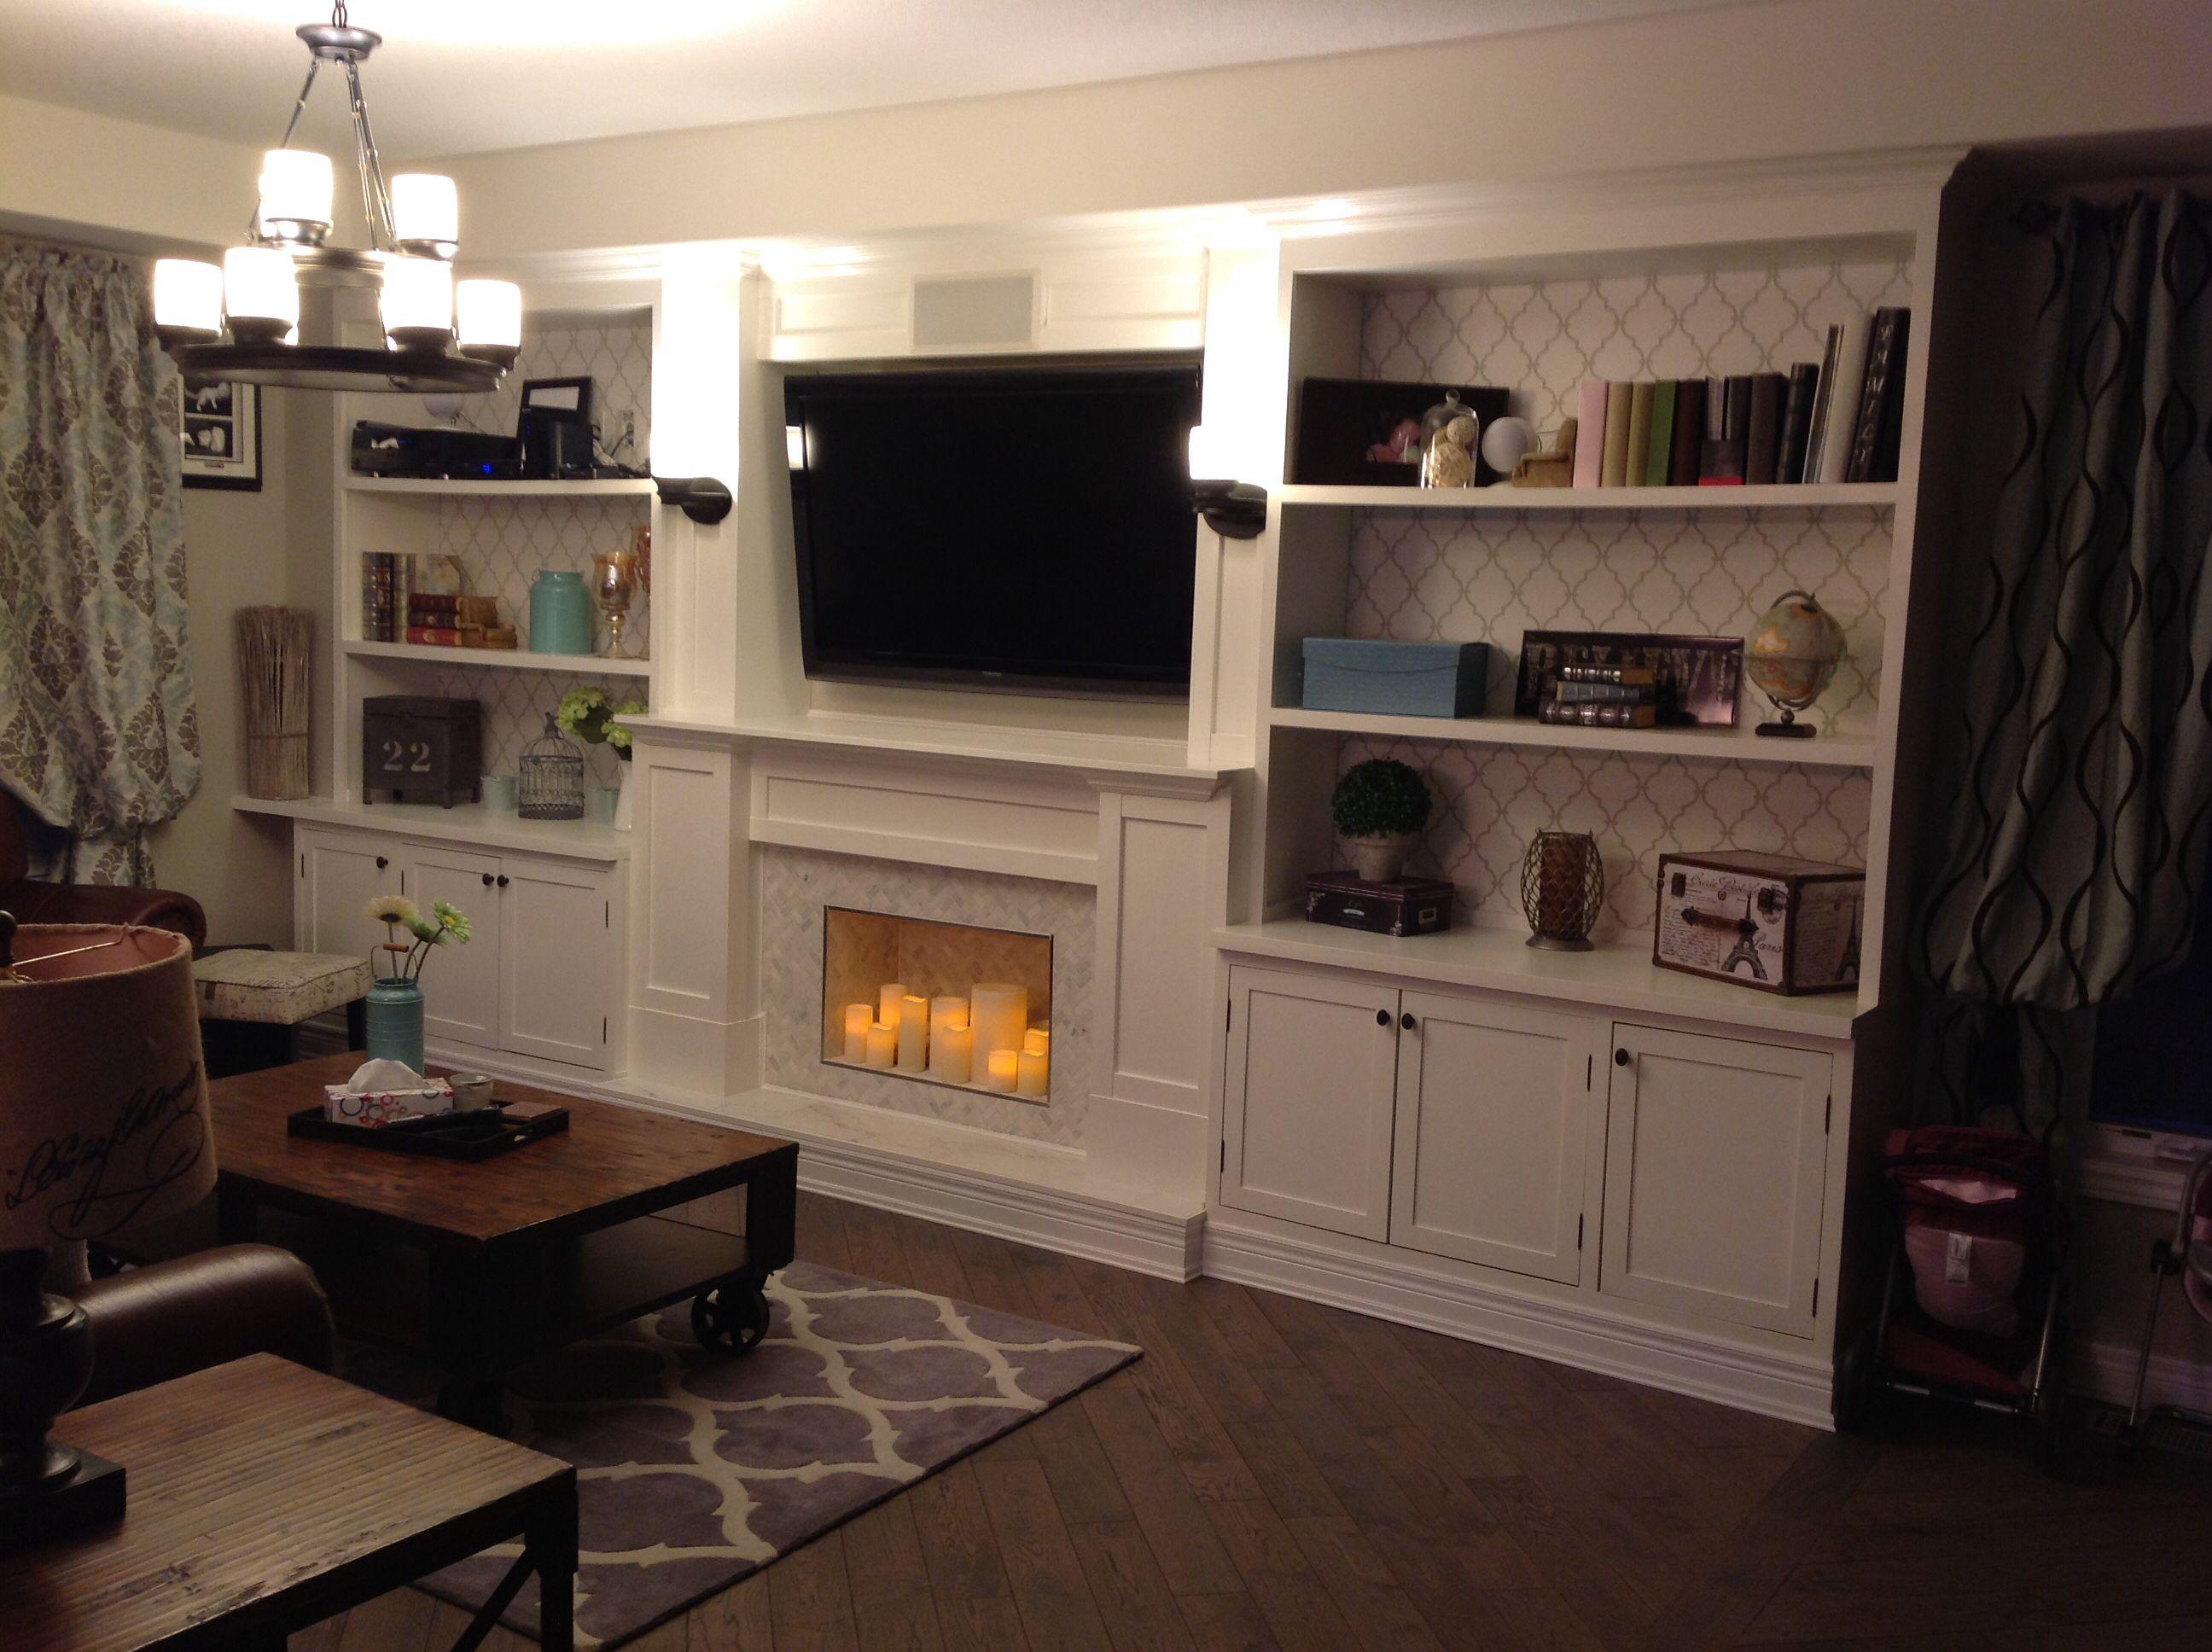 Wall Unit Light Bulbs : Wall unit, lighting, fireplace Household ideas Pinterest